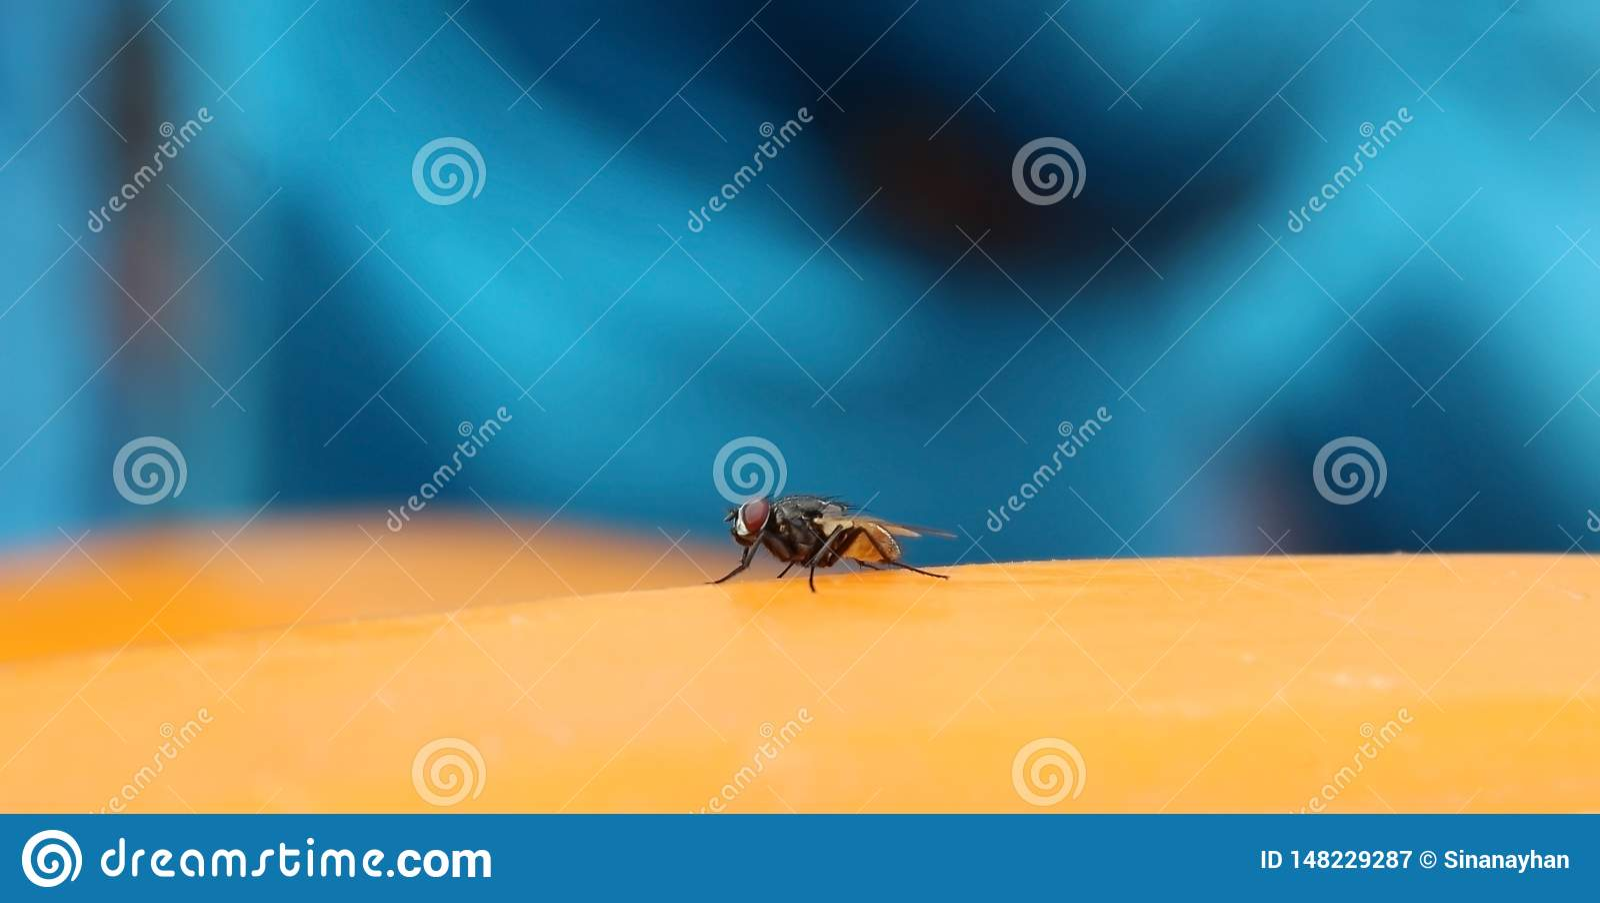 Το έντομο μυγών που στηρίζεται στην κίτρινη επιφάνεια